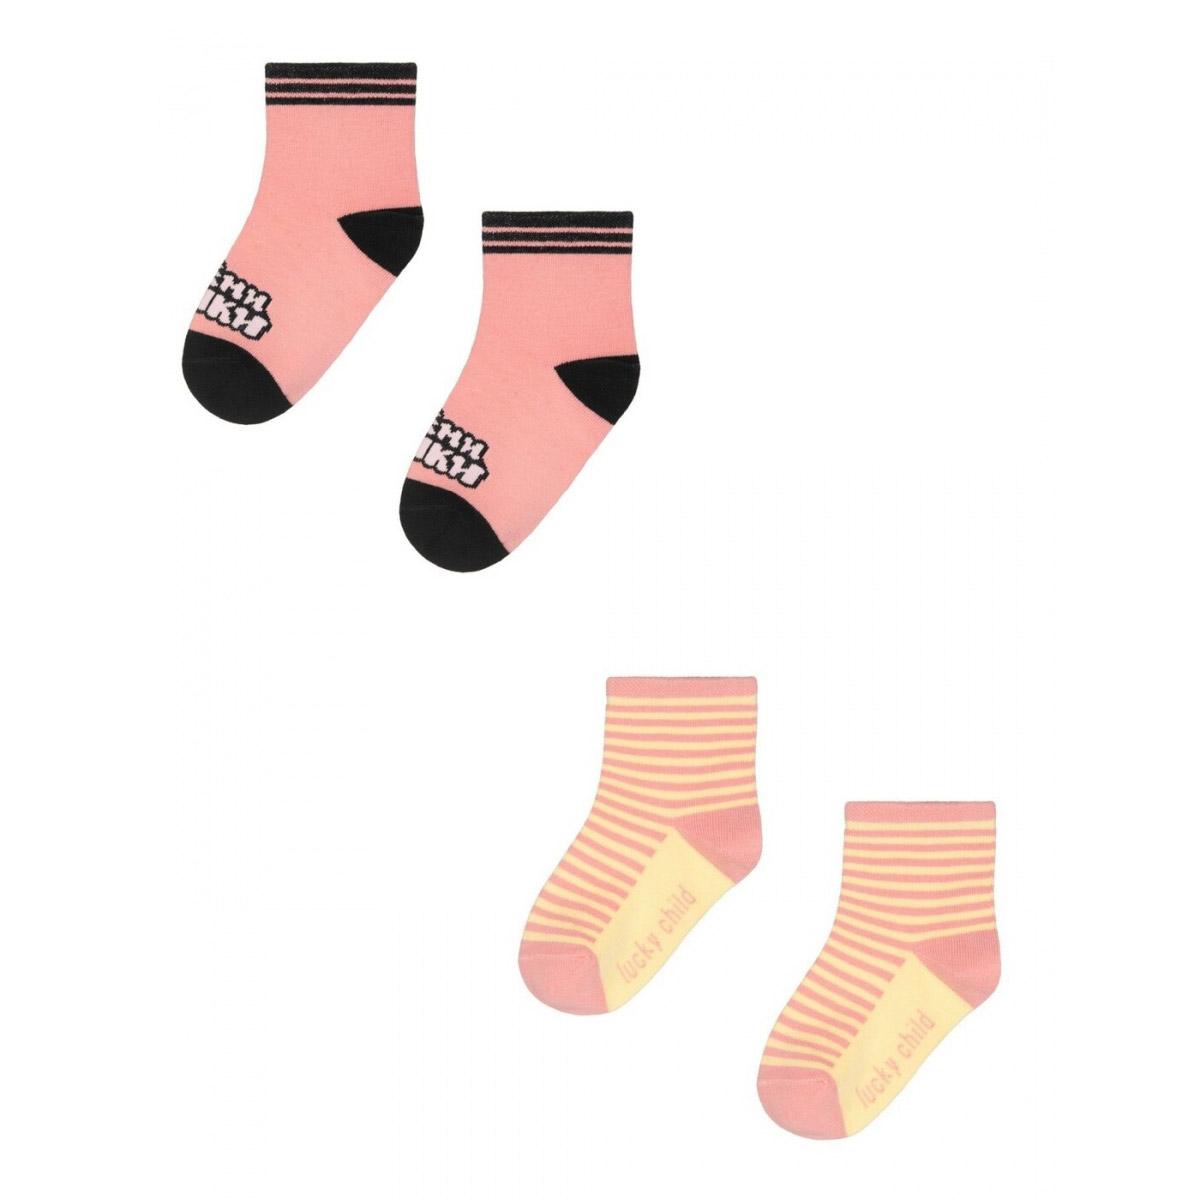 Купить Комплект носков Lucky Child МИ-МИ-МИШКИ розовый 2 шт 1820, Розовый, Кашкорсе, Для девочек, Всесезонный,